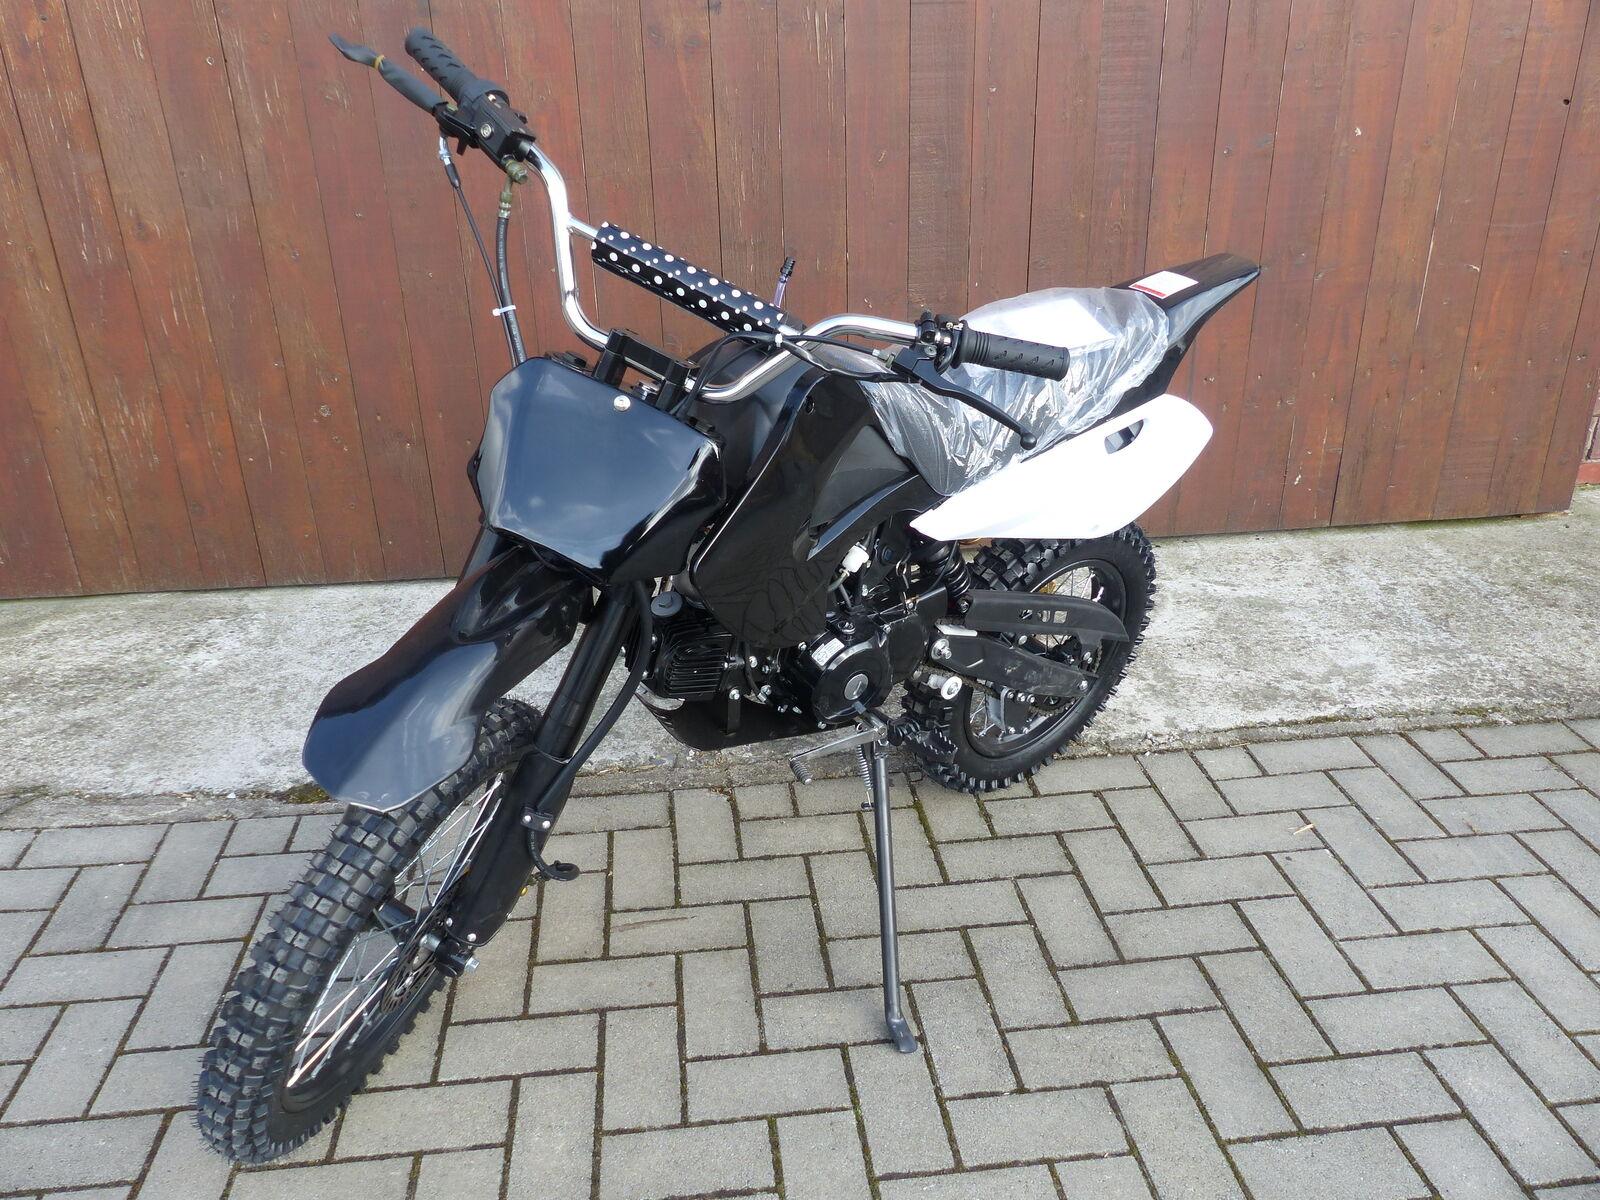 125 ccm dirt bike 17 14 r der cross vollcross pocketbike. Black Bedroom Furniture Sets. Home Design Ideas